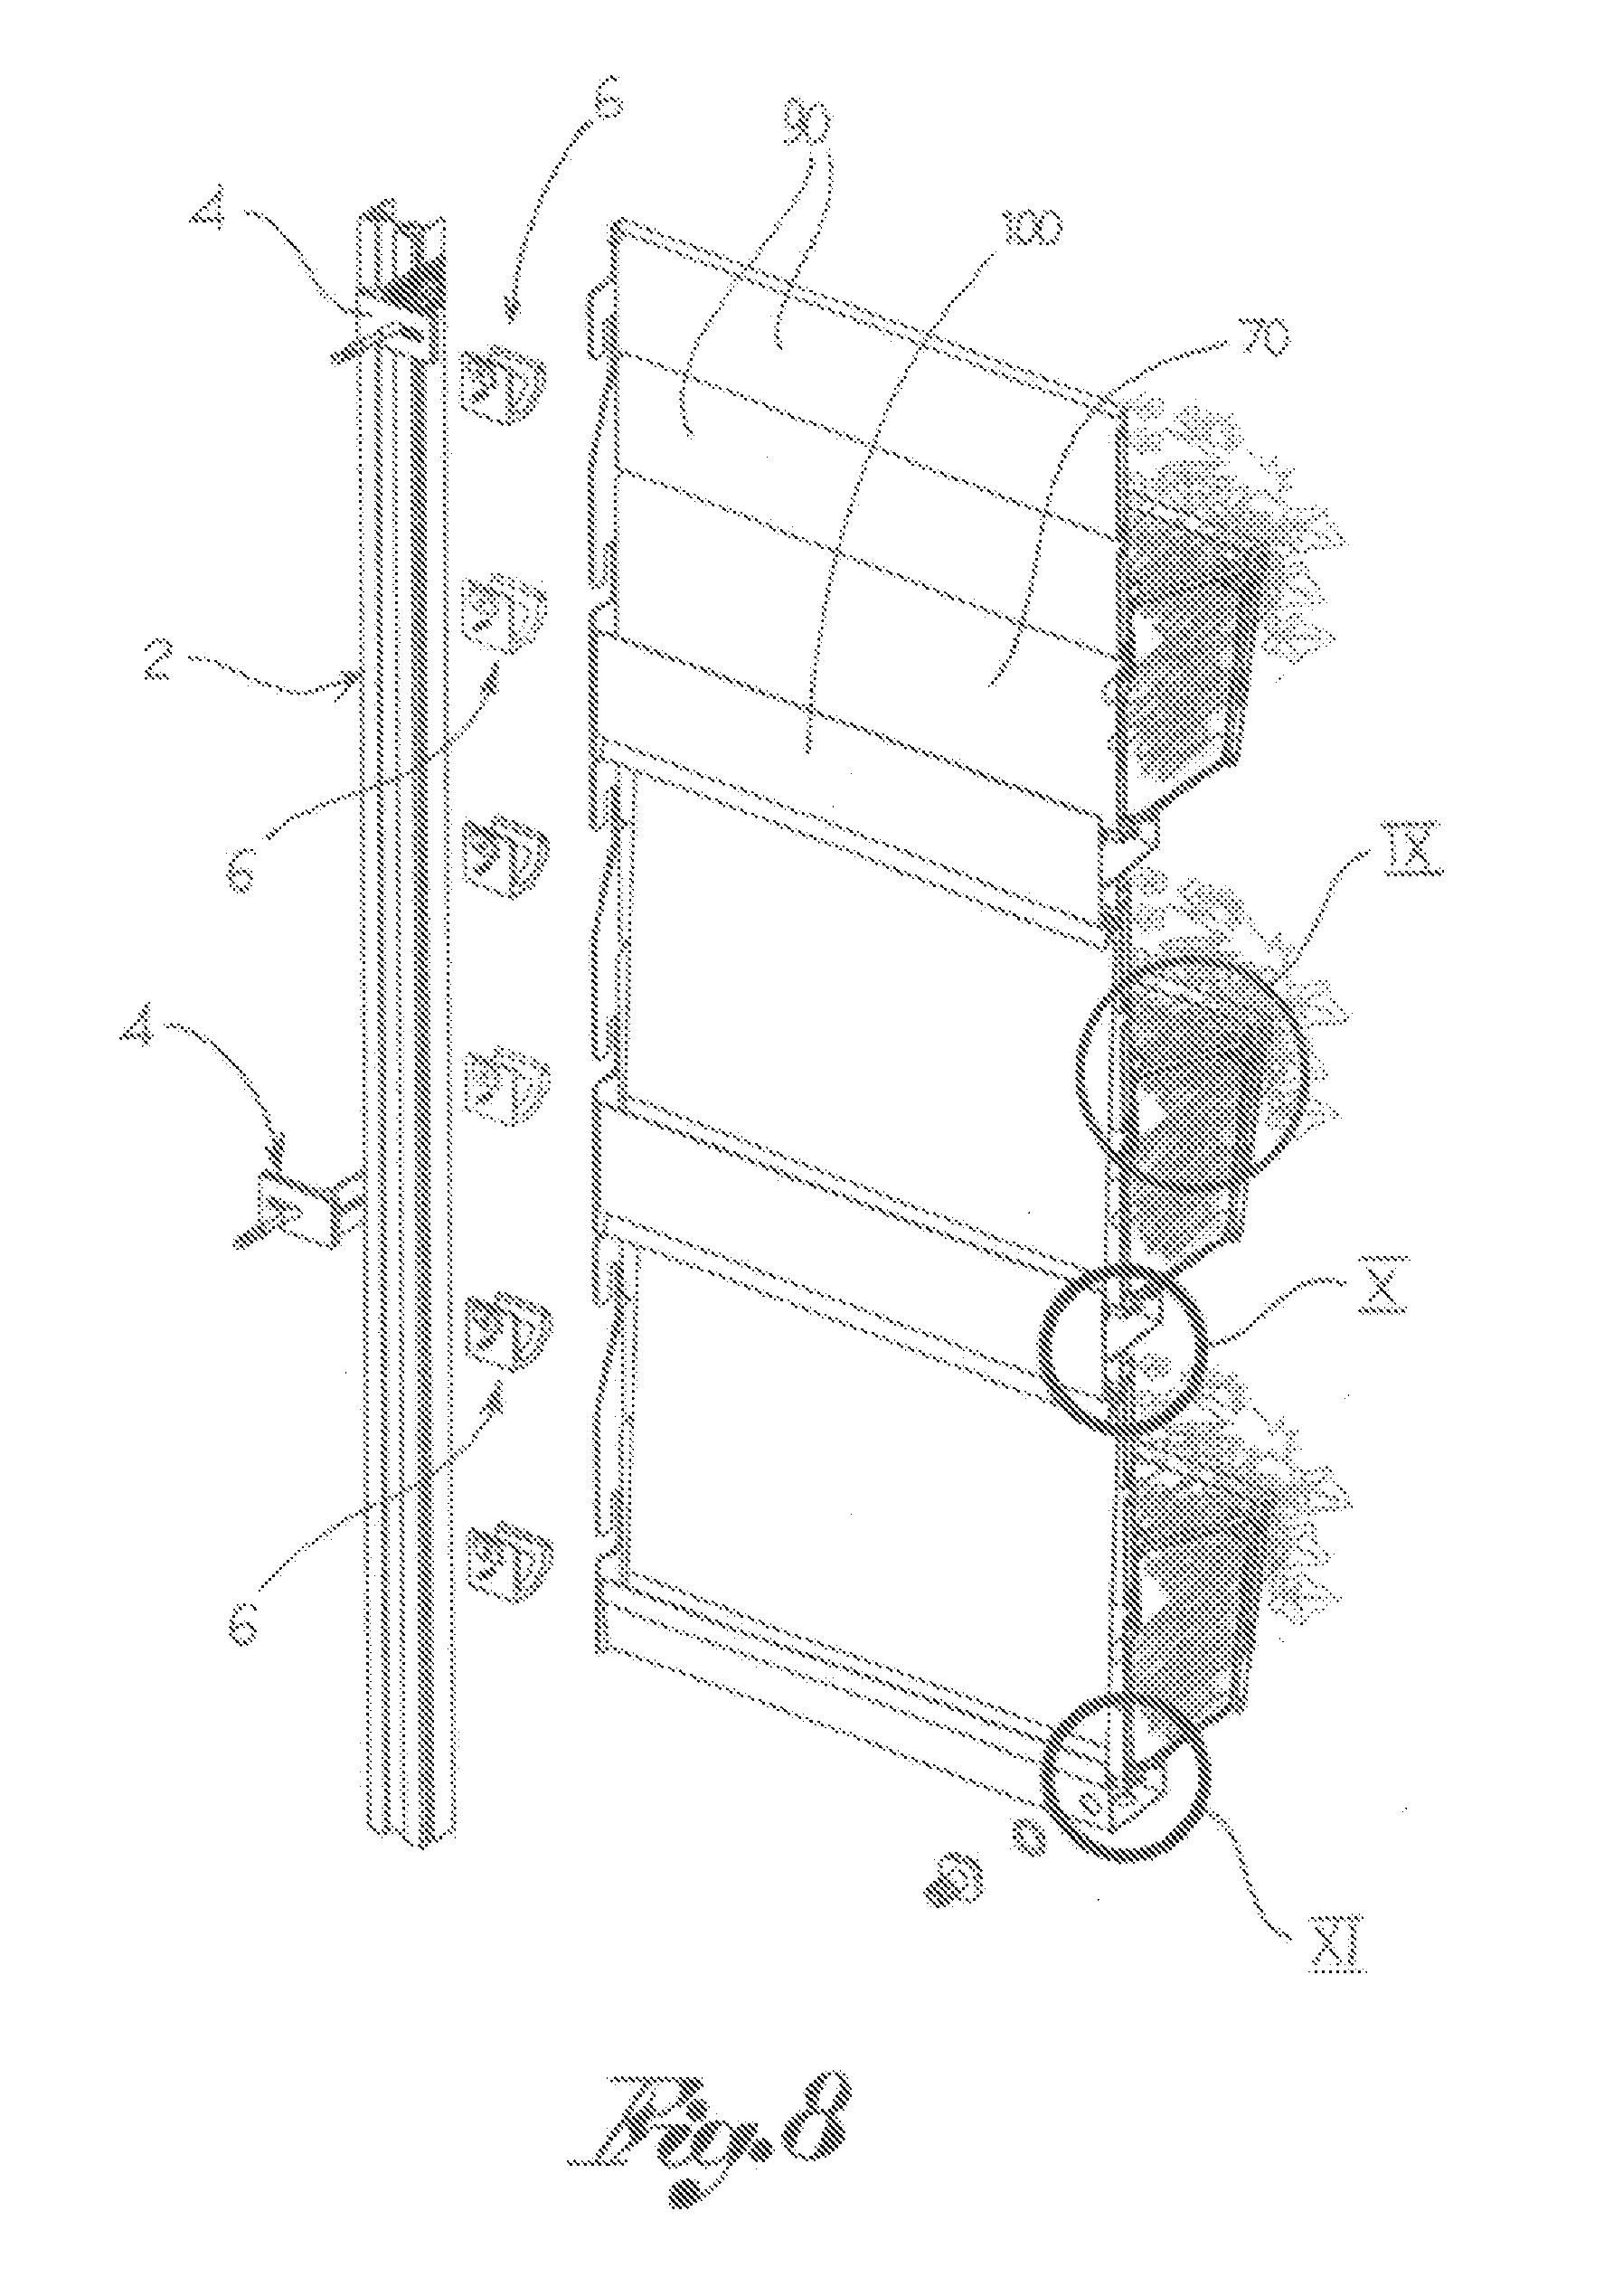 2000 volkswagen jetta water pump diagram html